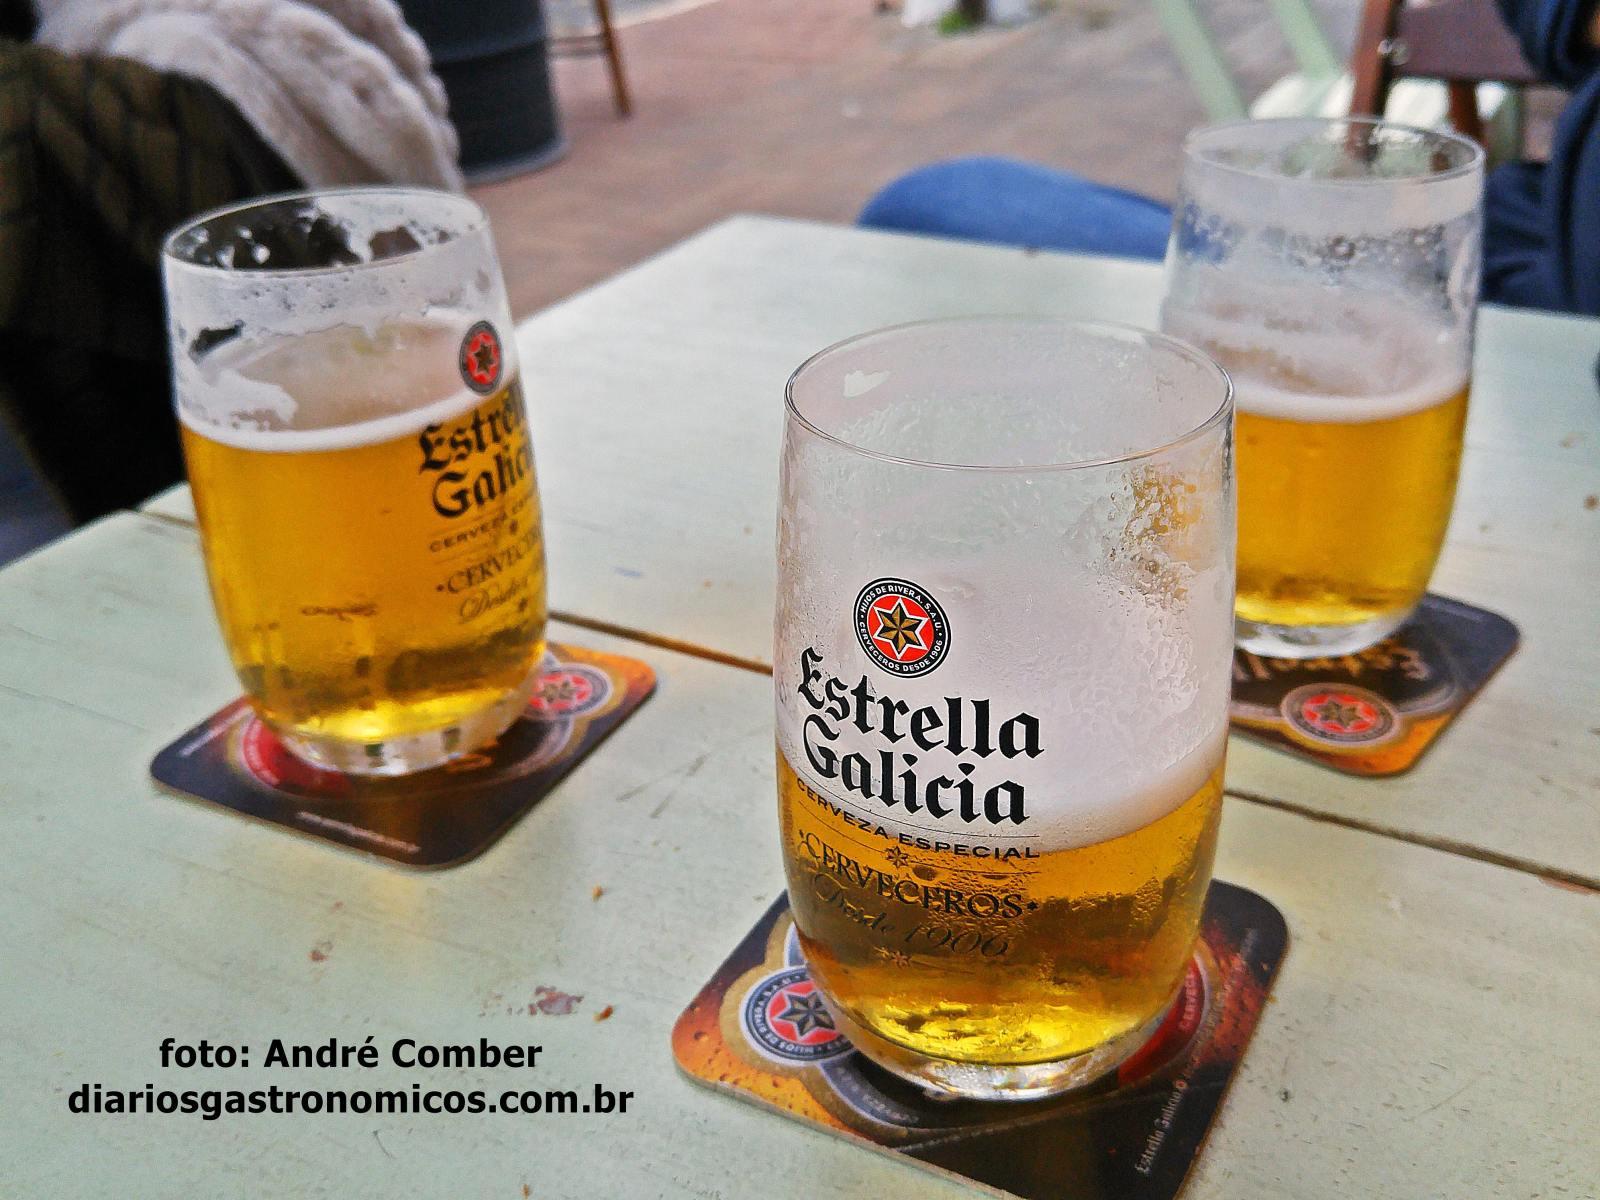 Jamon Jamon, Estrella Galicia